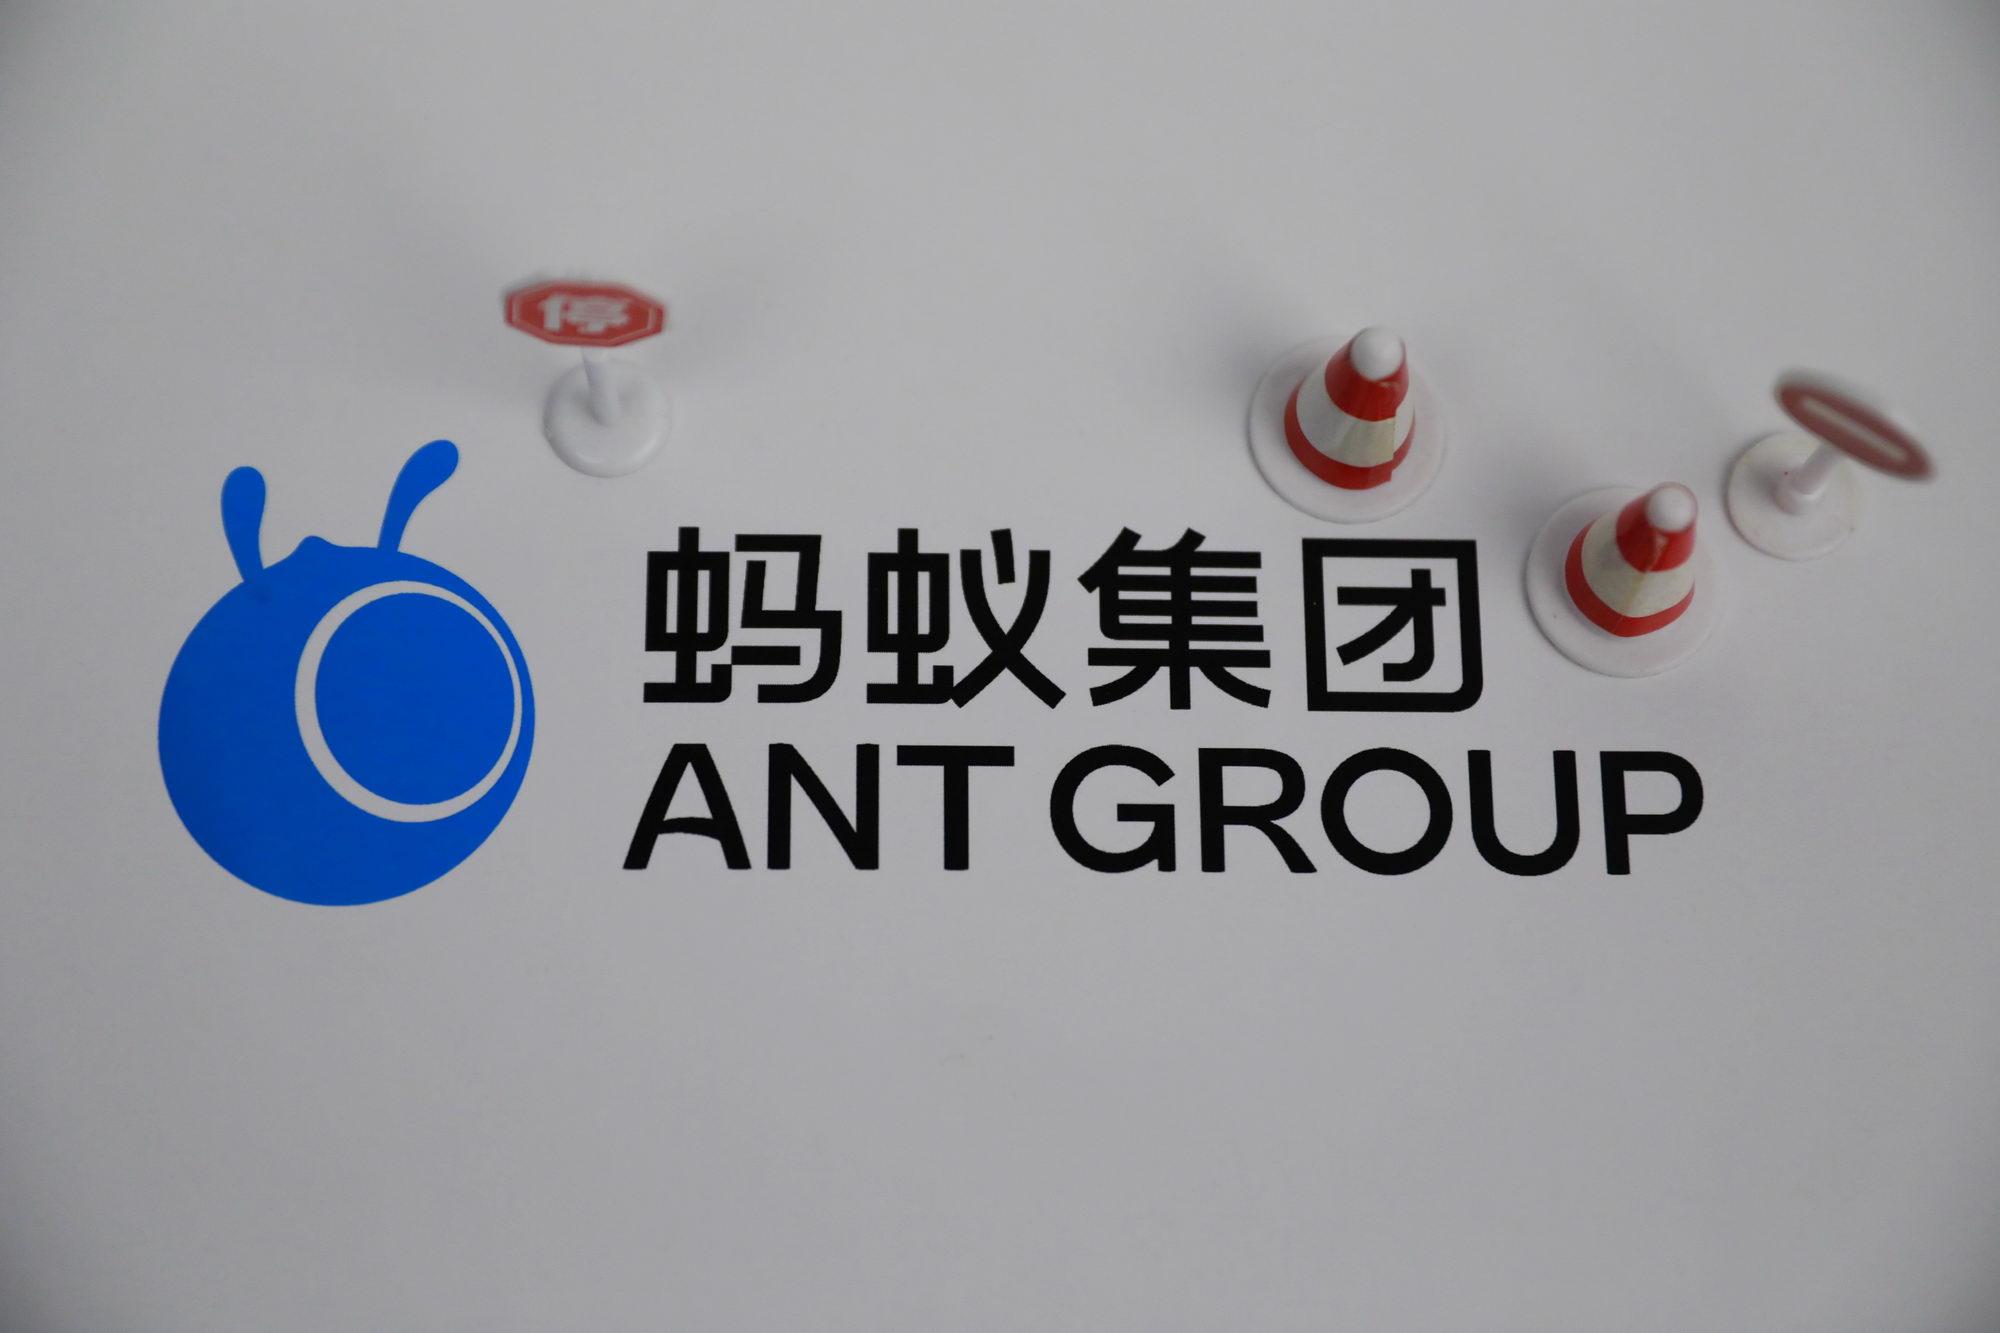 蚂蚁集团 ipo 吸引了浦新、瑞银等知名基金